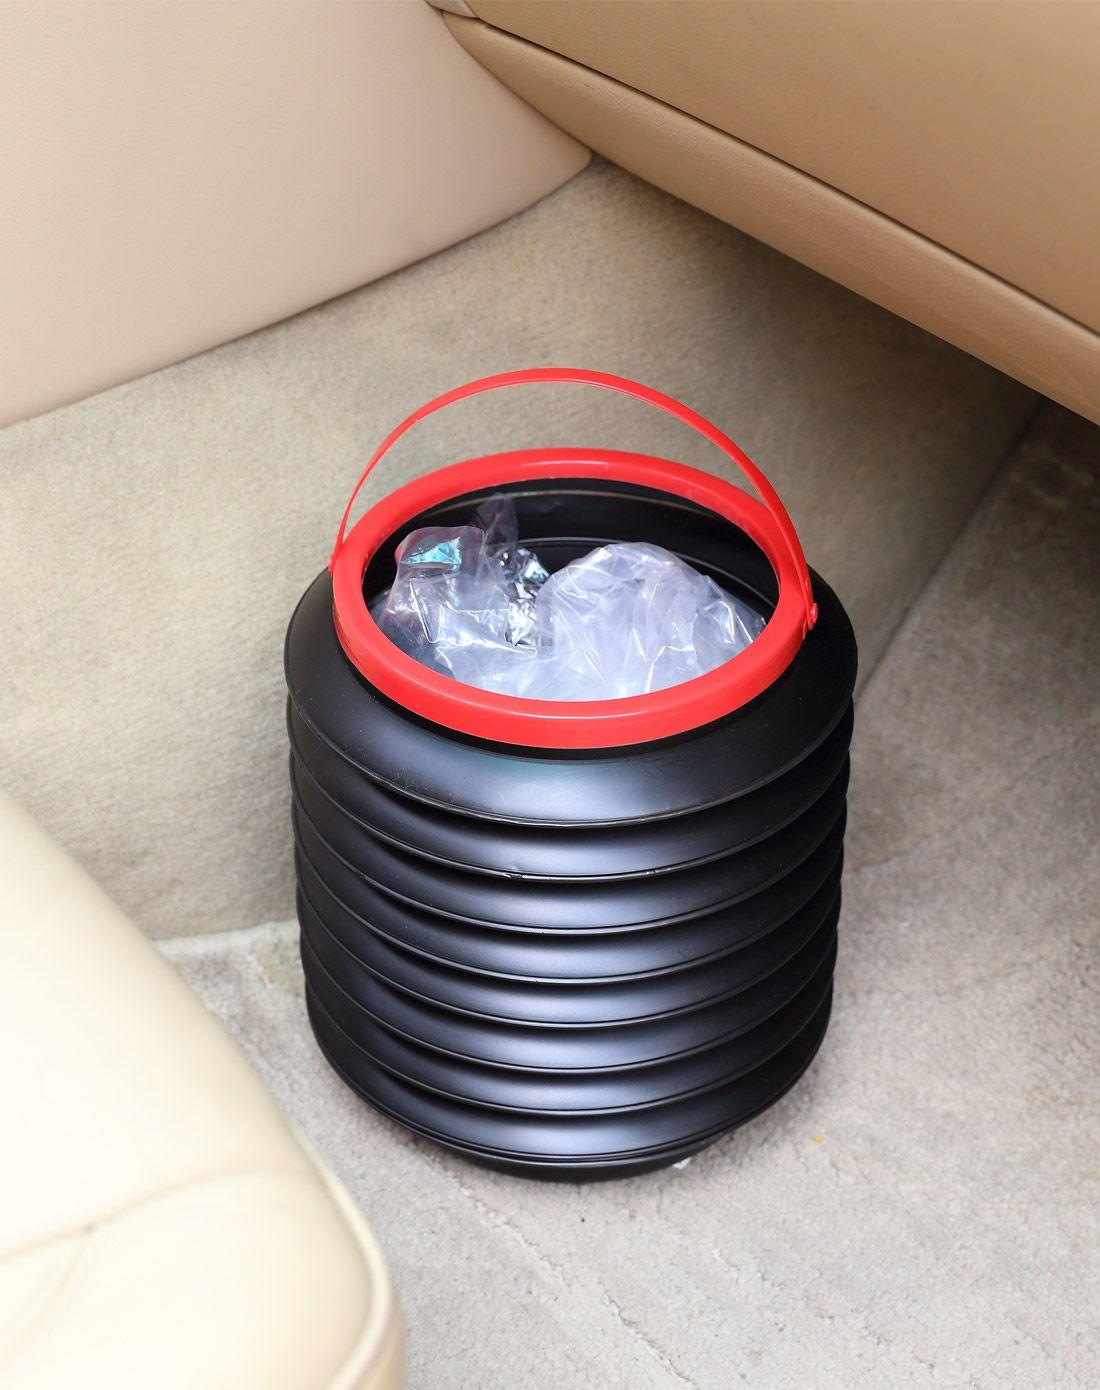 科特豪斯车载收纳折叠垃圾桶黑色pb9447-bk